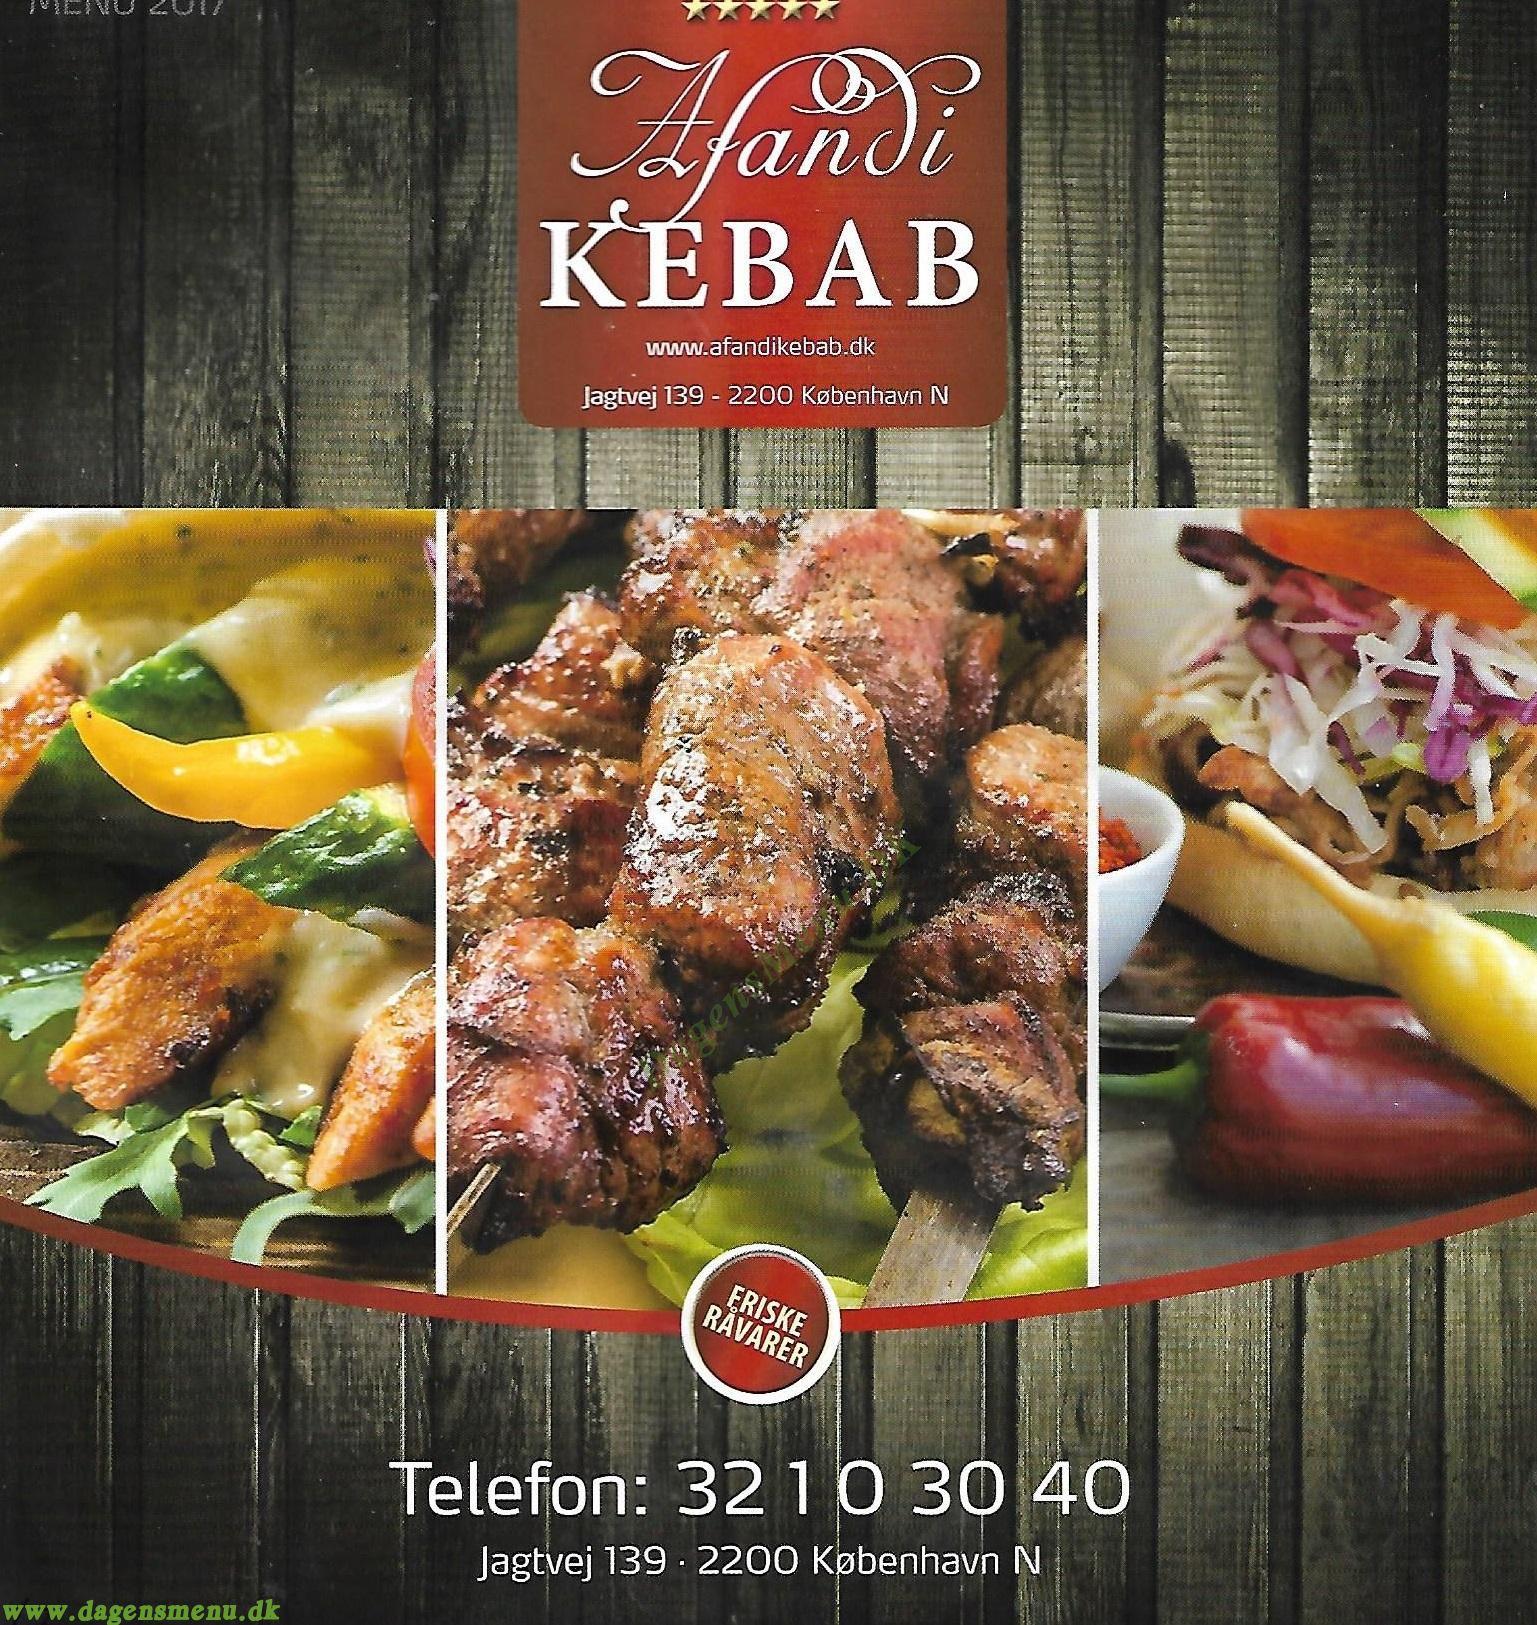 Afandi Kebab - Menukort